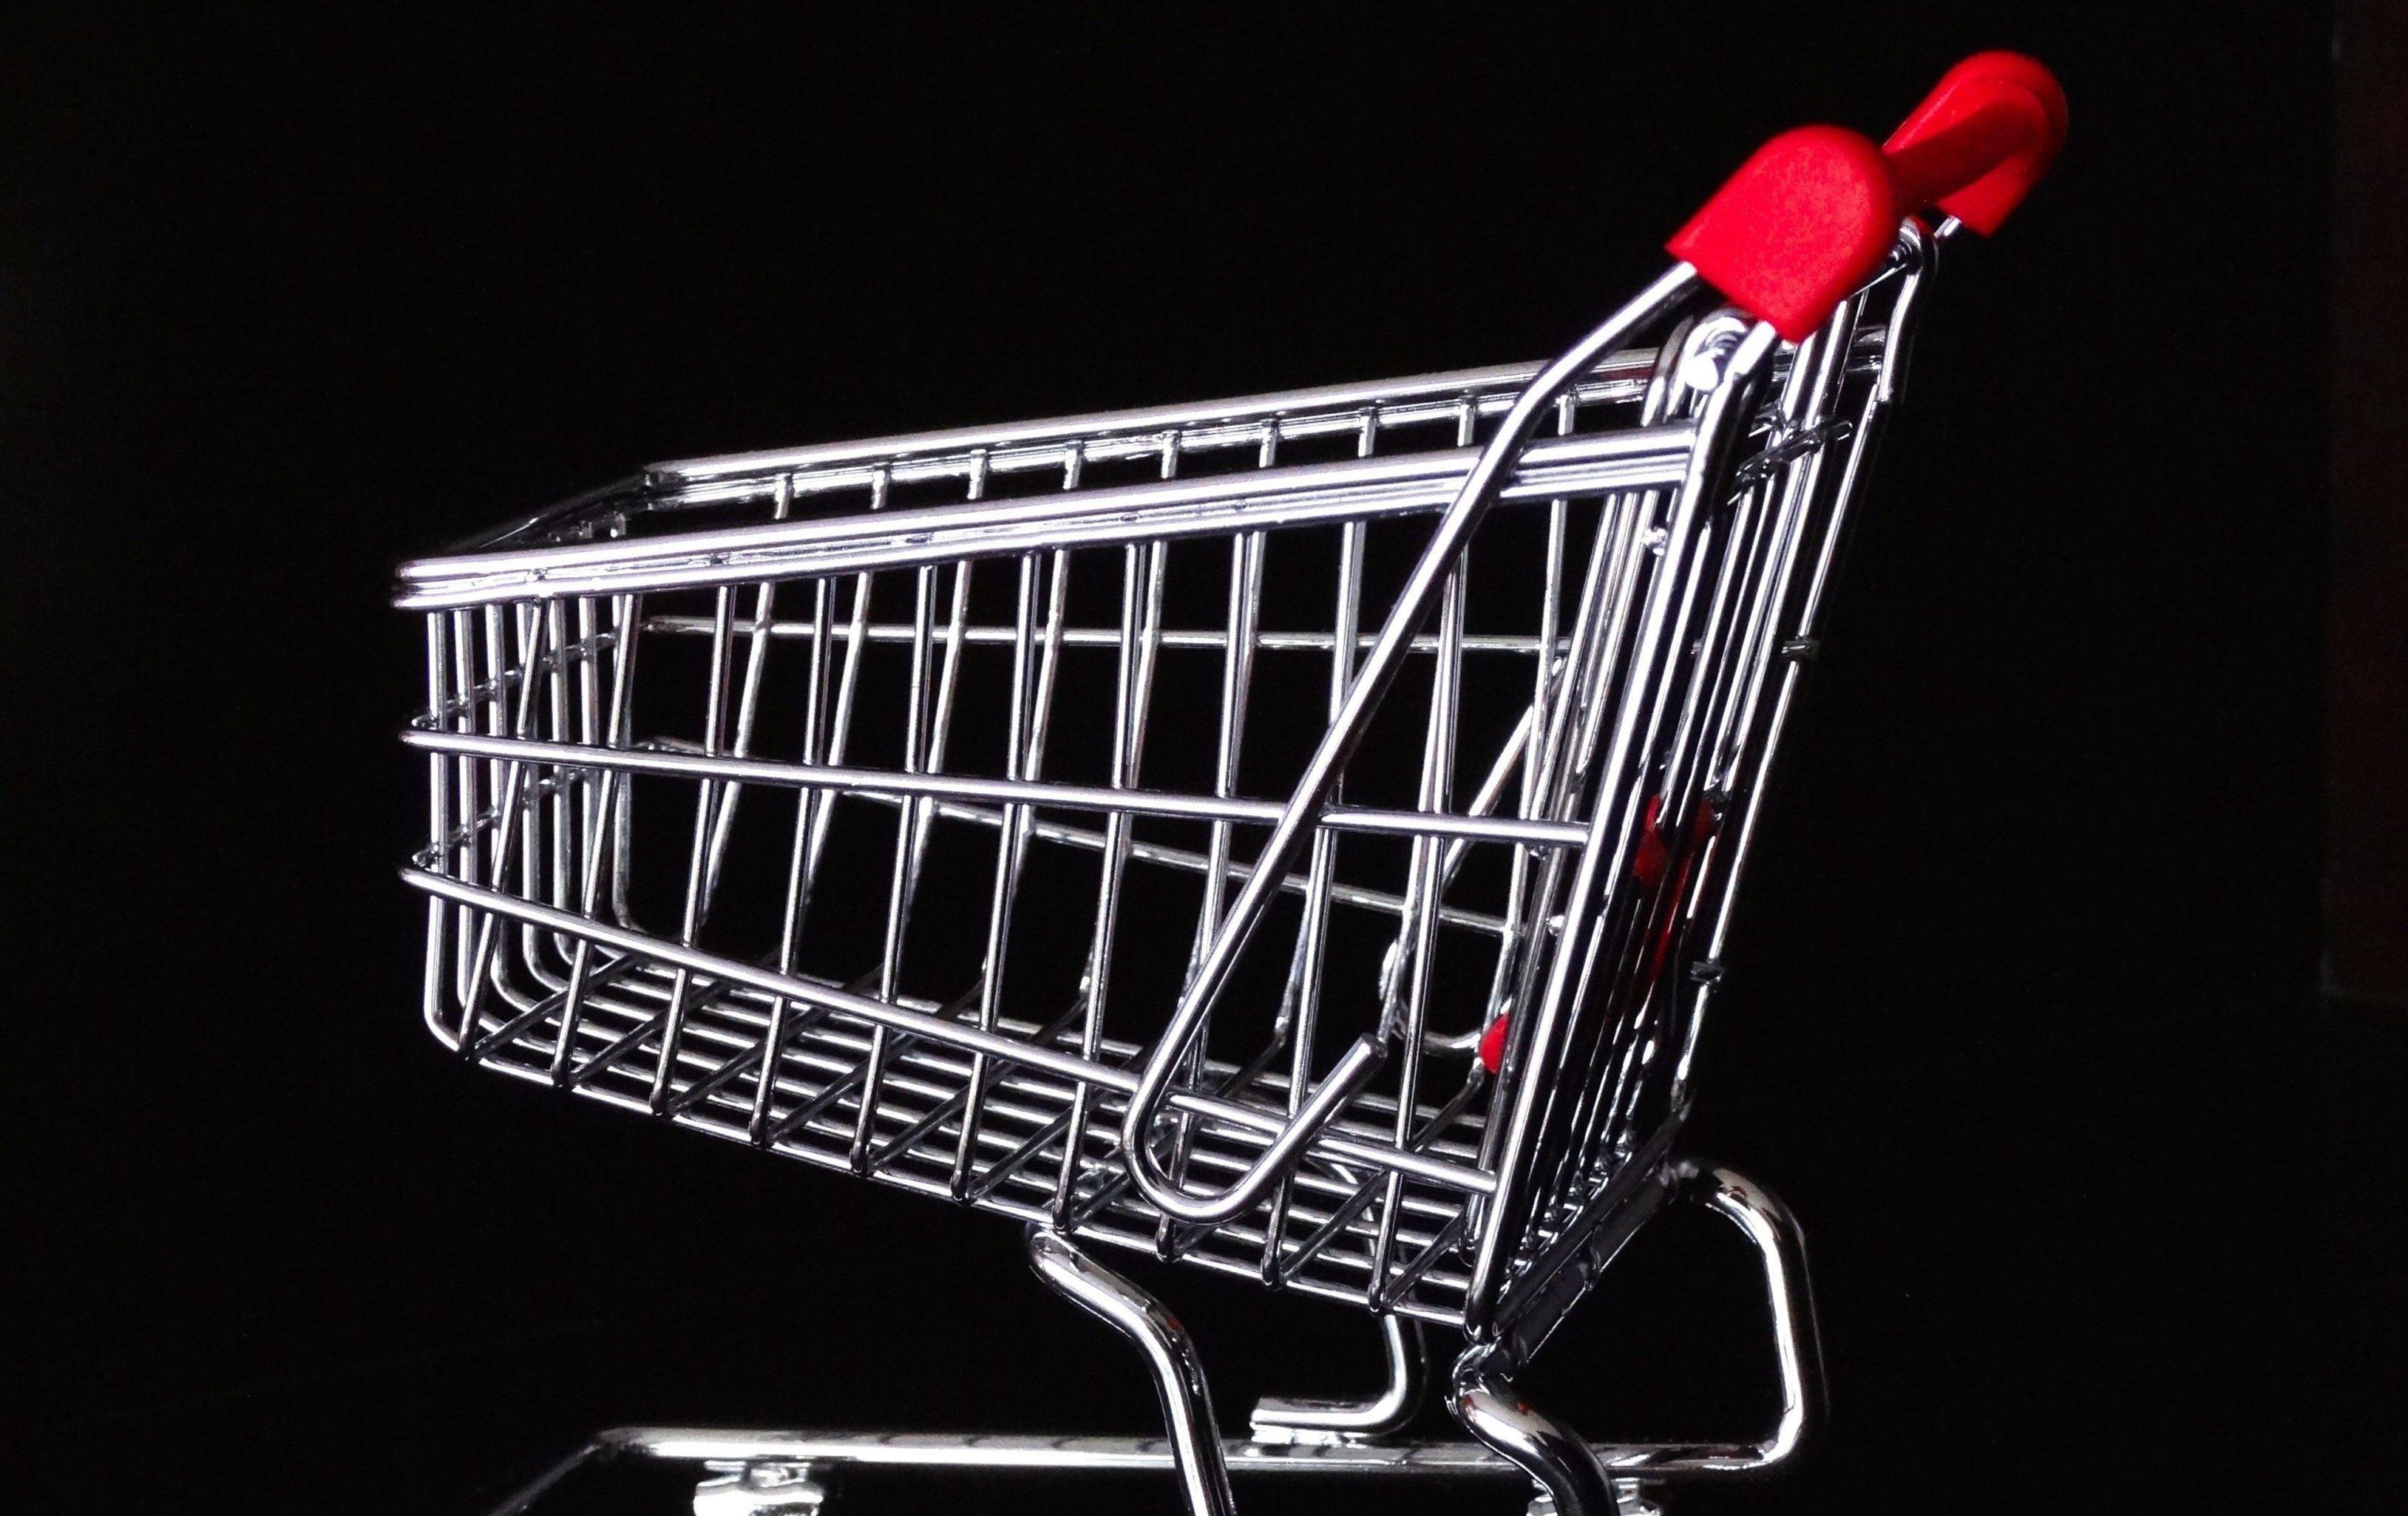 Proattività e propositività nelle relazioni con la clientela: la valorizzazione del ruolo di addetta/o alla cassa nei punti vendita del gruppo Poli